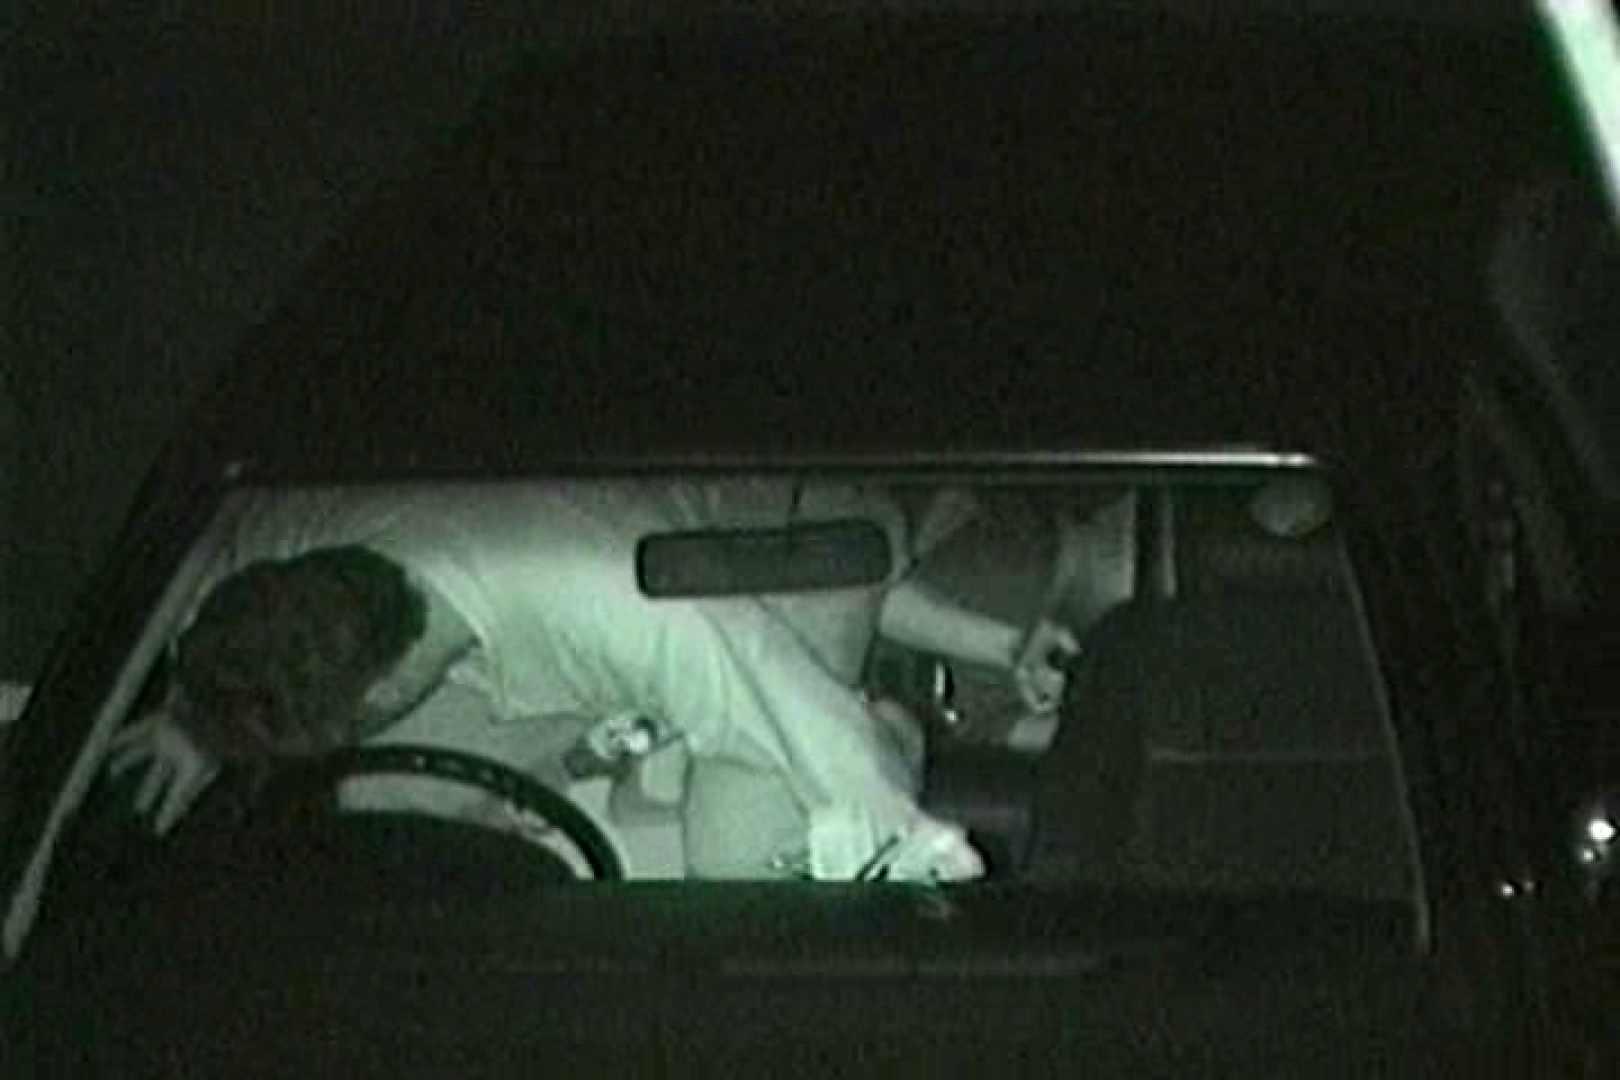 車の中はラブホテル 無修正版  Vol.8 望遠 のぞき動画画像 102PIX 93